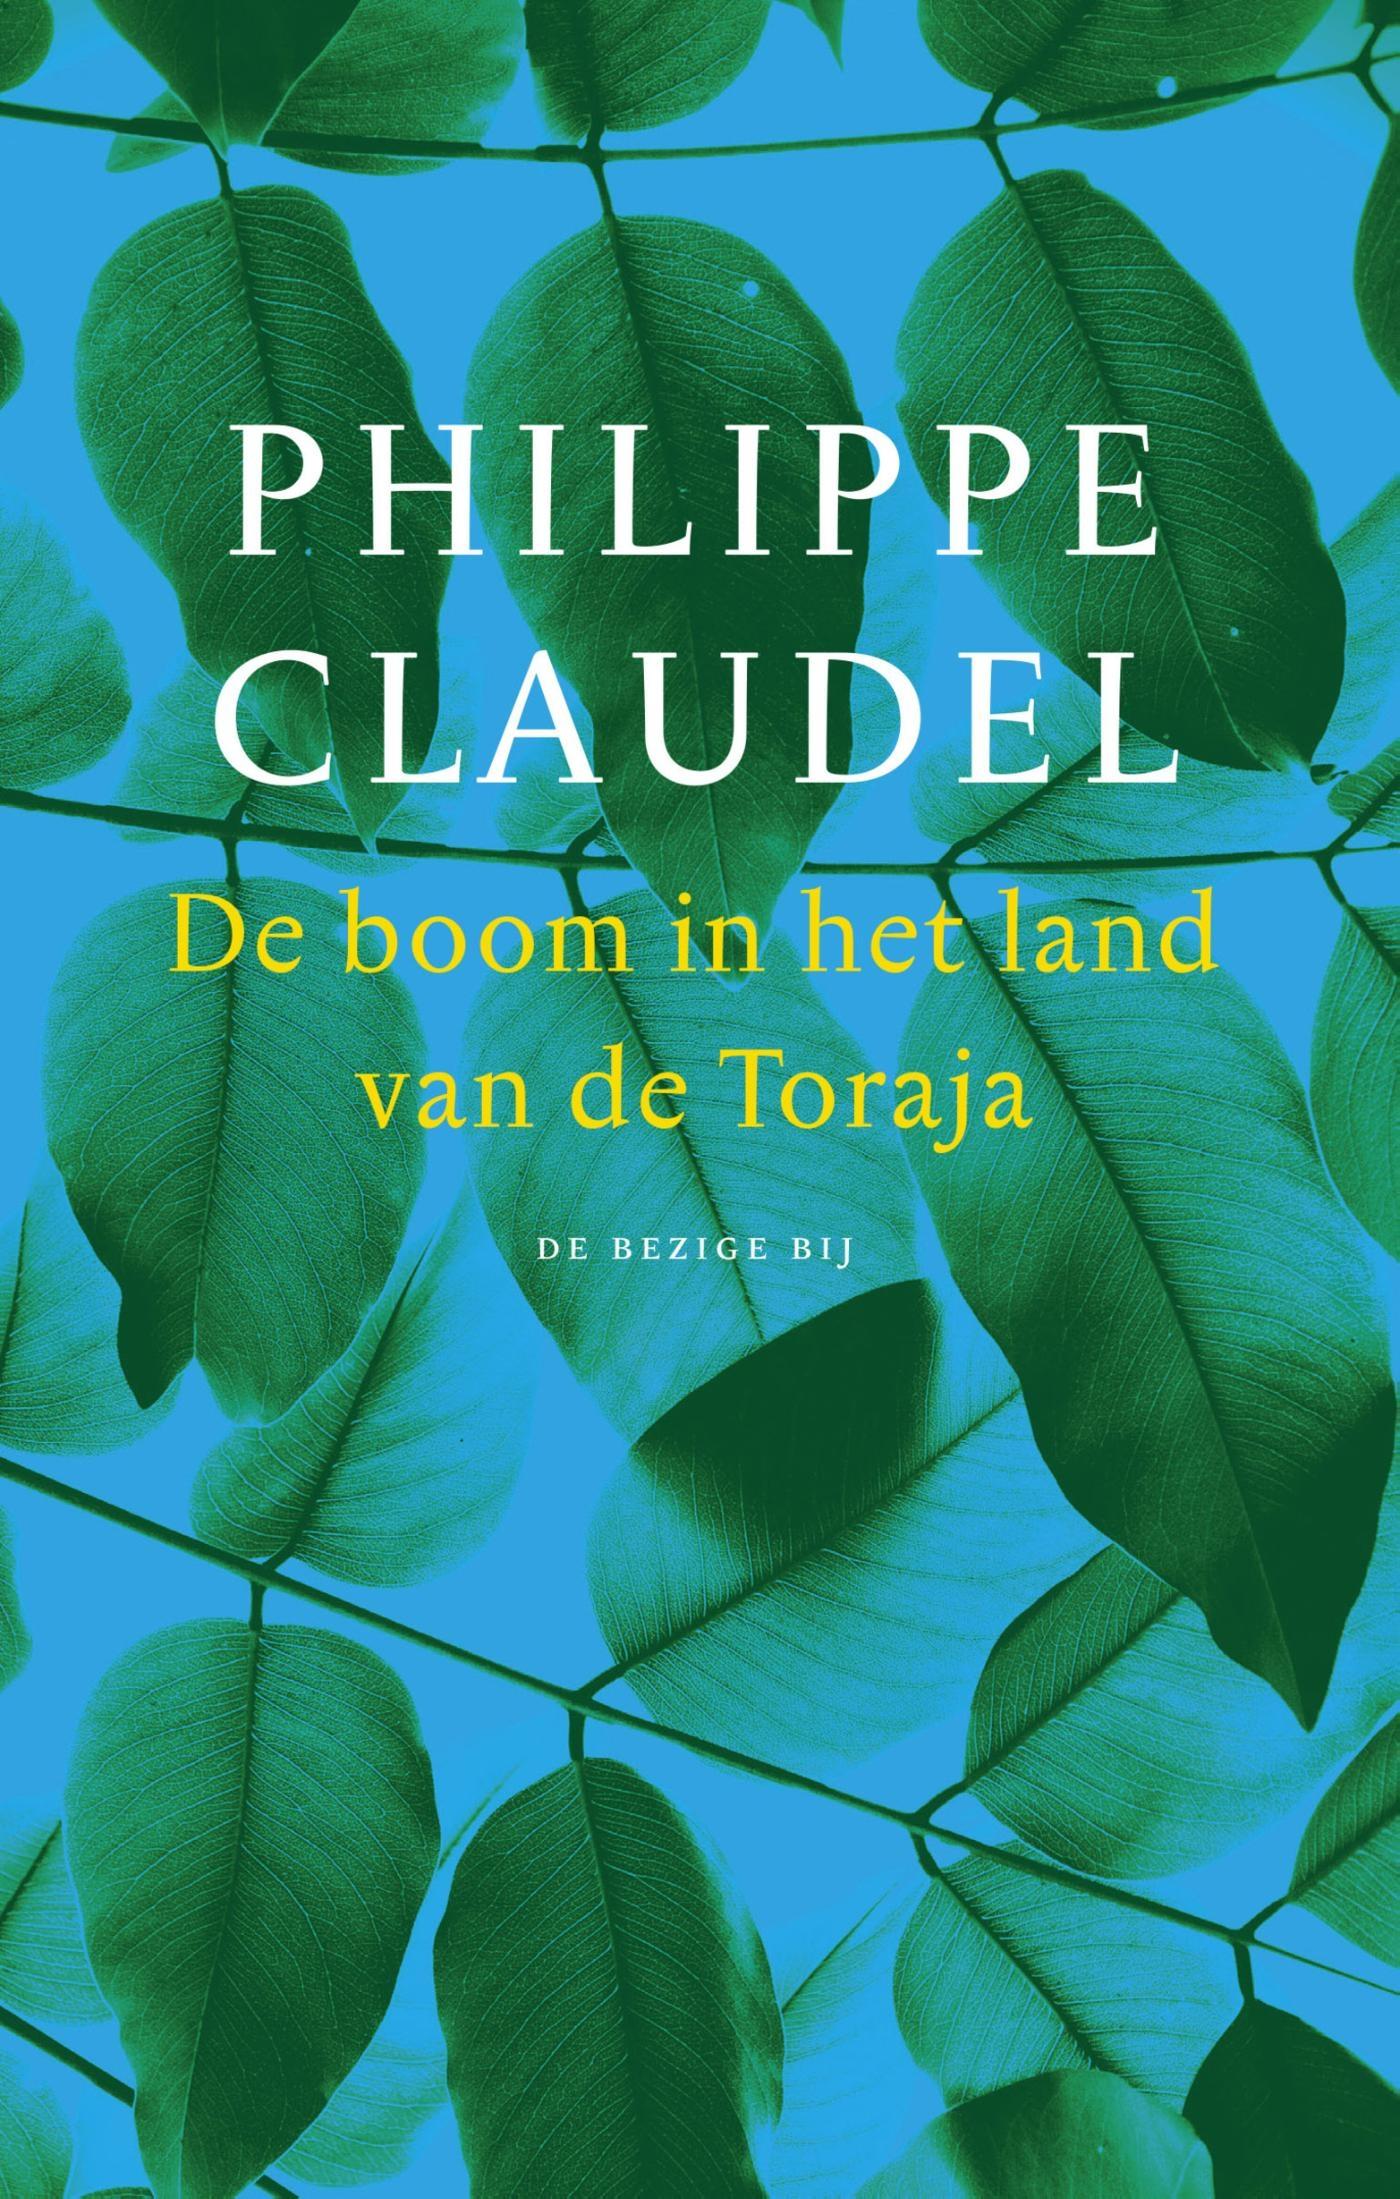 De boom in het land van de Toraja – Philippe Claudel